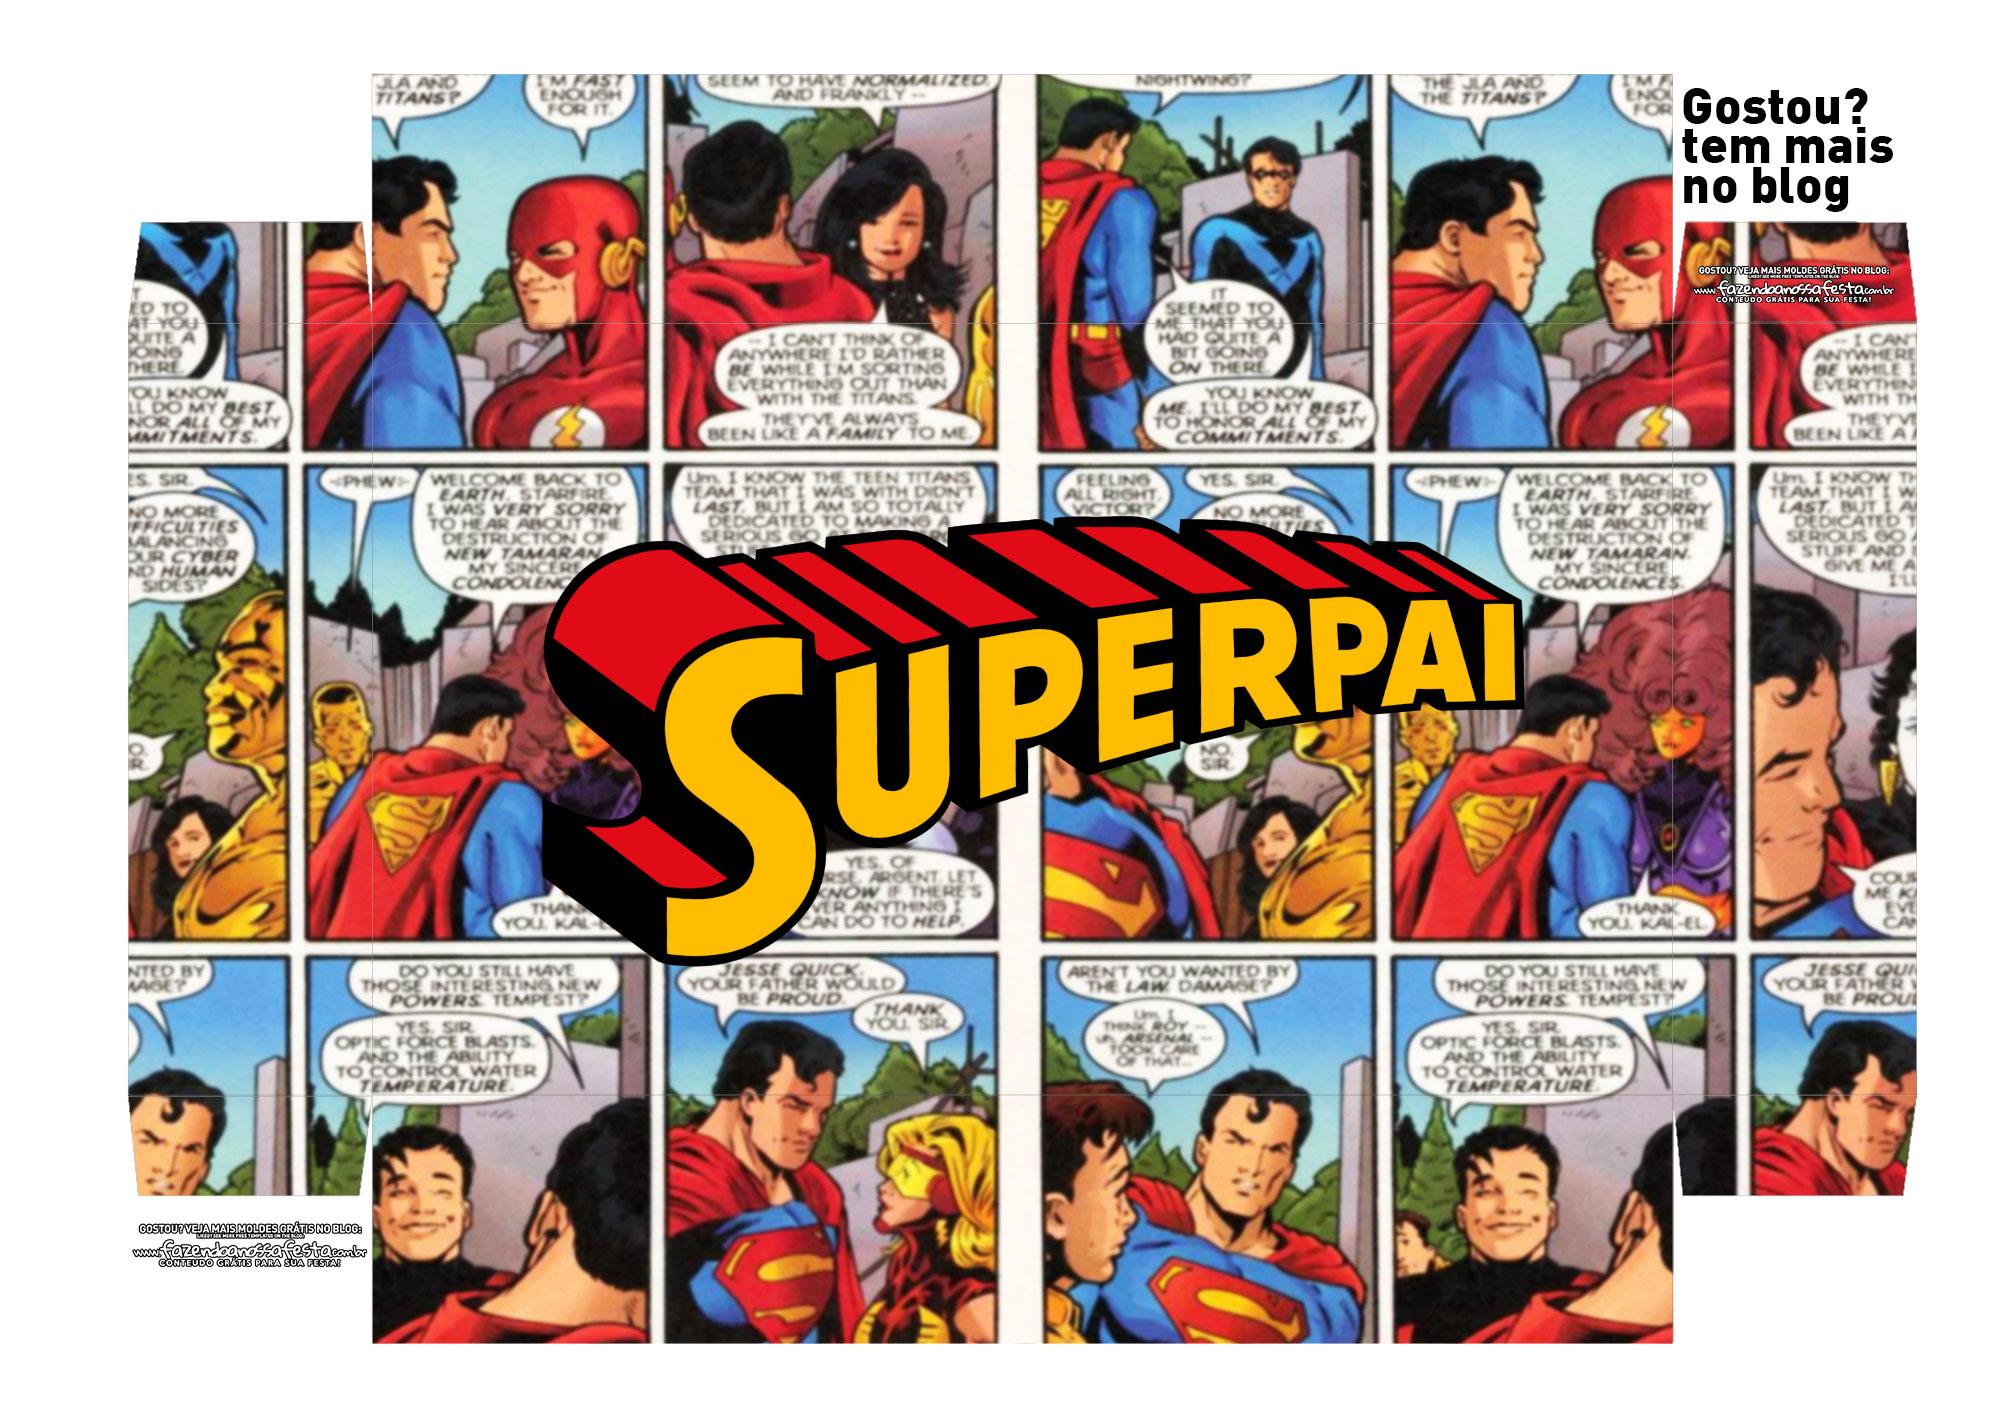 festa na caixa simples para o dia dos pais Tampa SuperPai